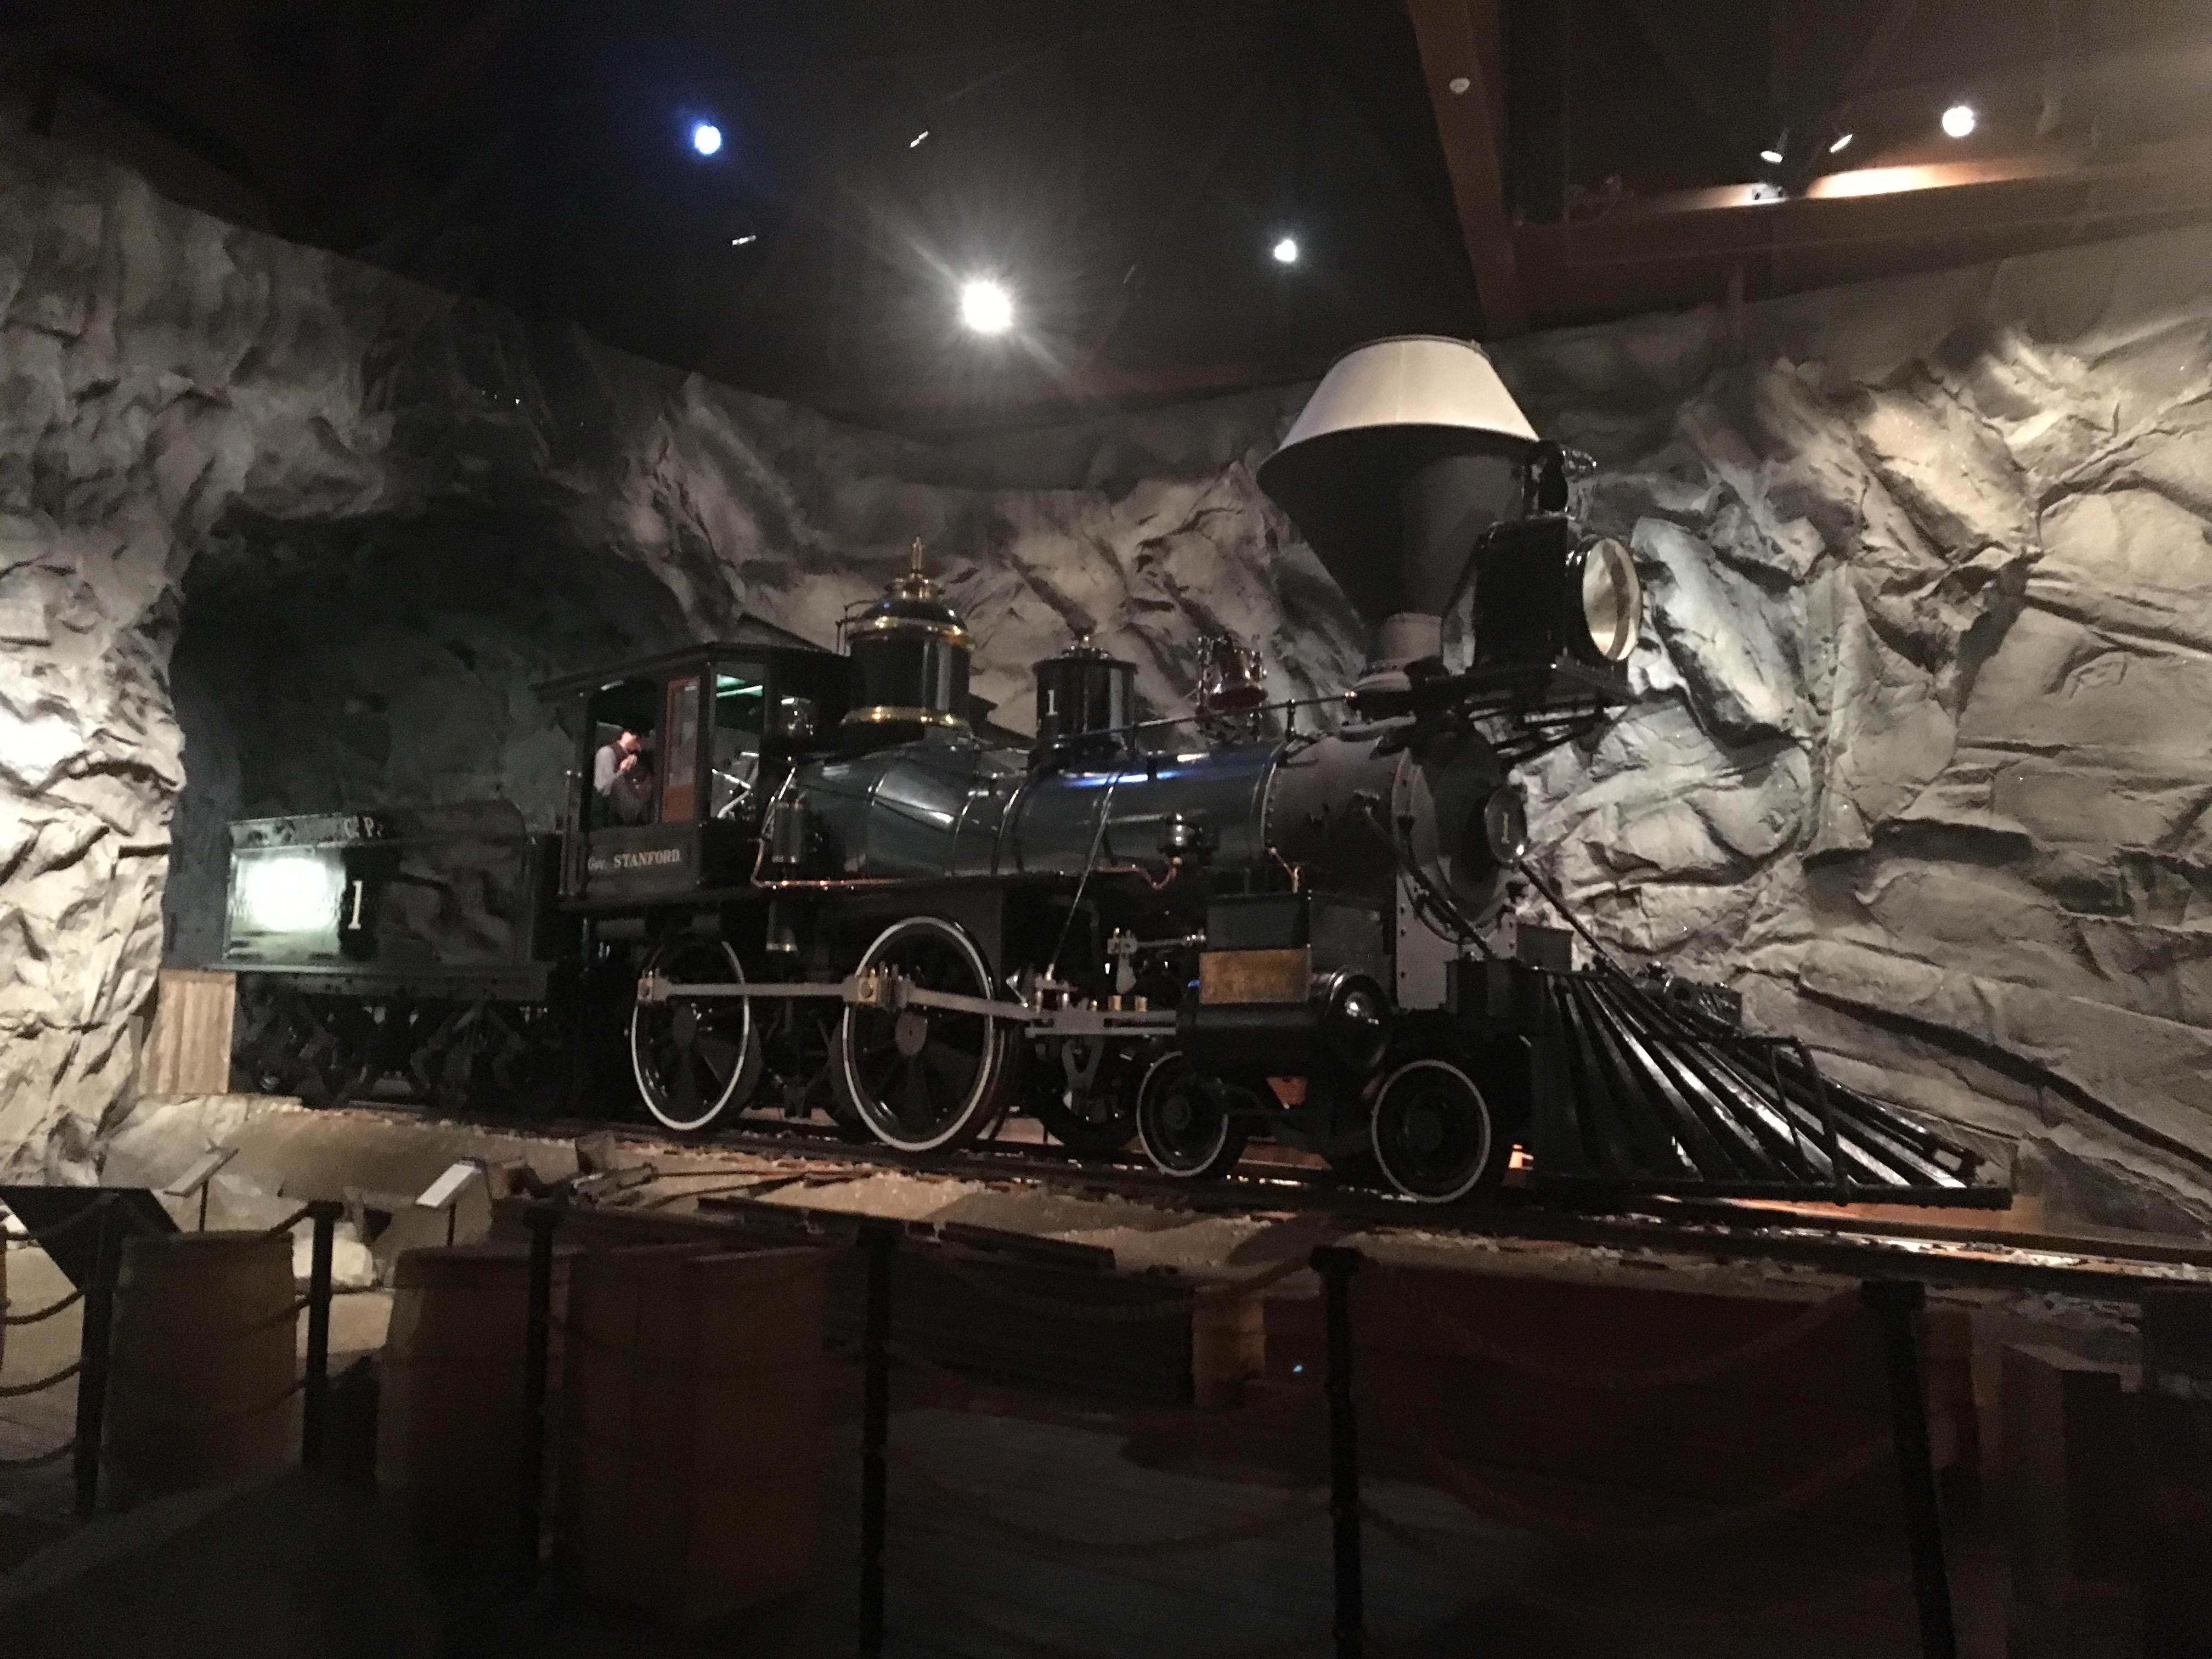 Pierwszy typ lokomotywy kompanii The Central Pacific's - amerykański układ 4-4-0